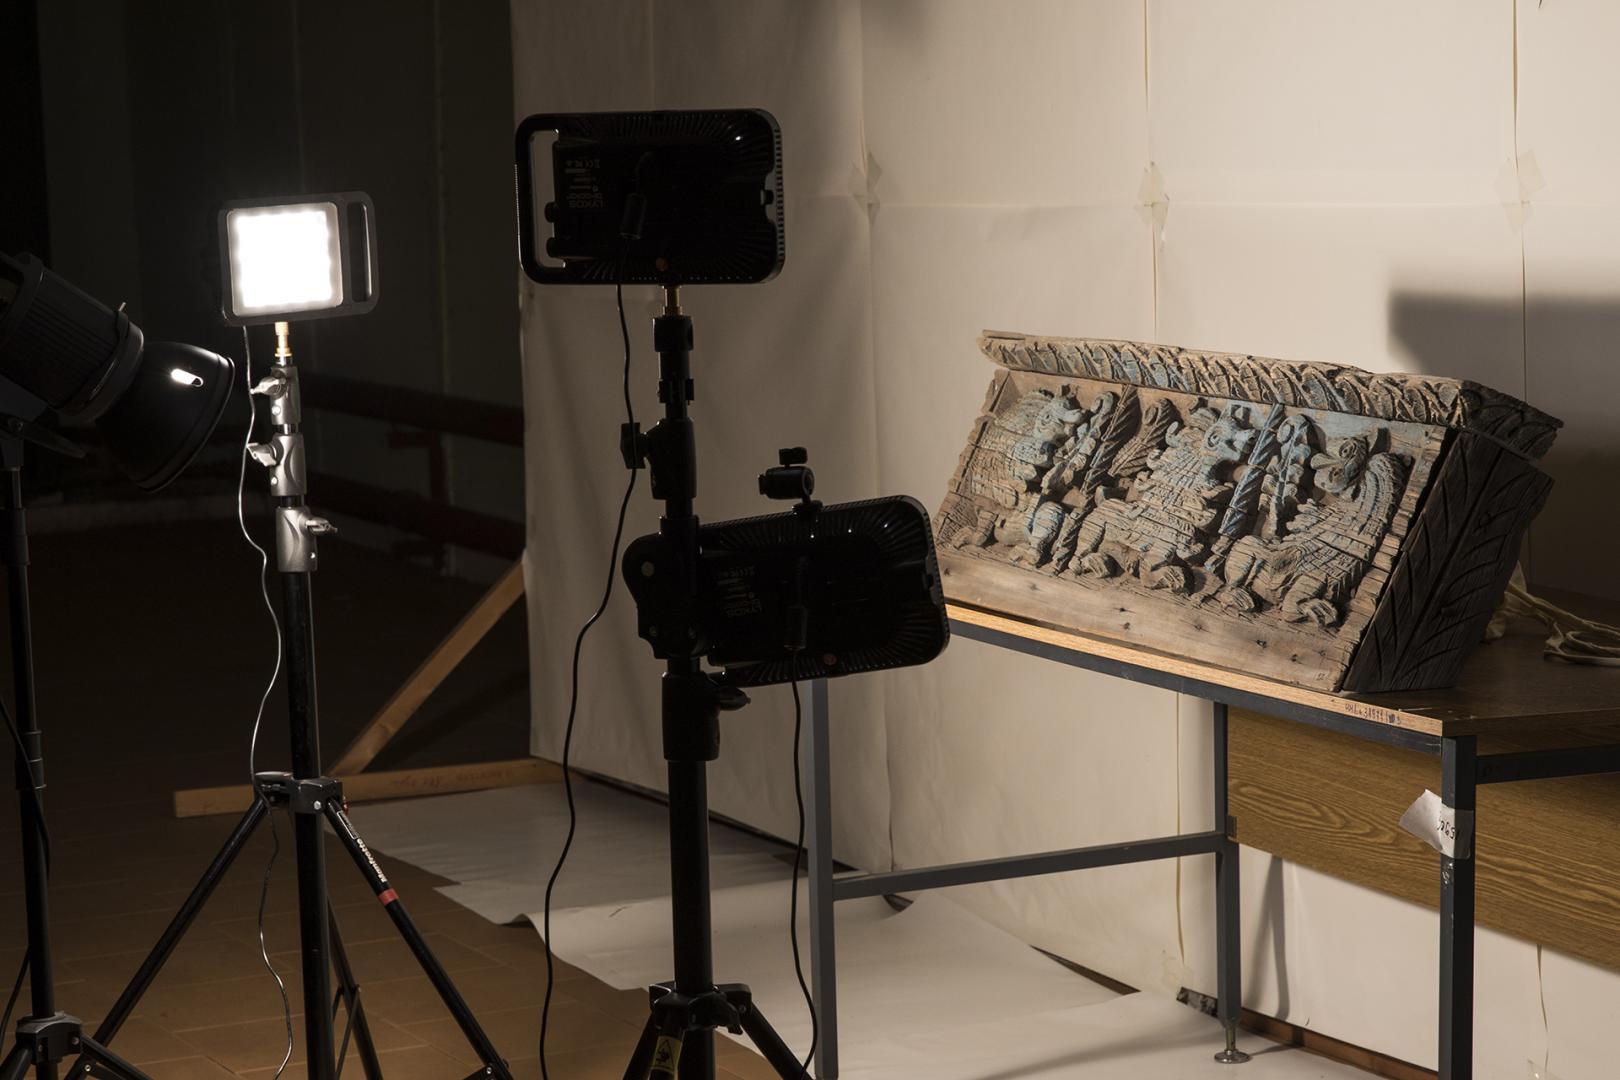 Фонд «Родная земля» организовал съёмку в хранилищах музея Царицыно